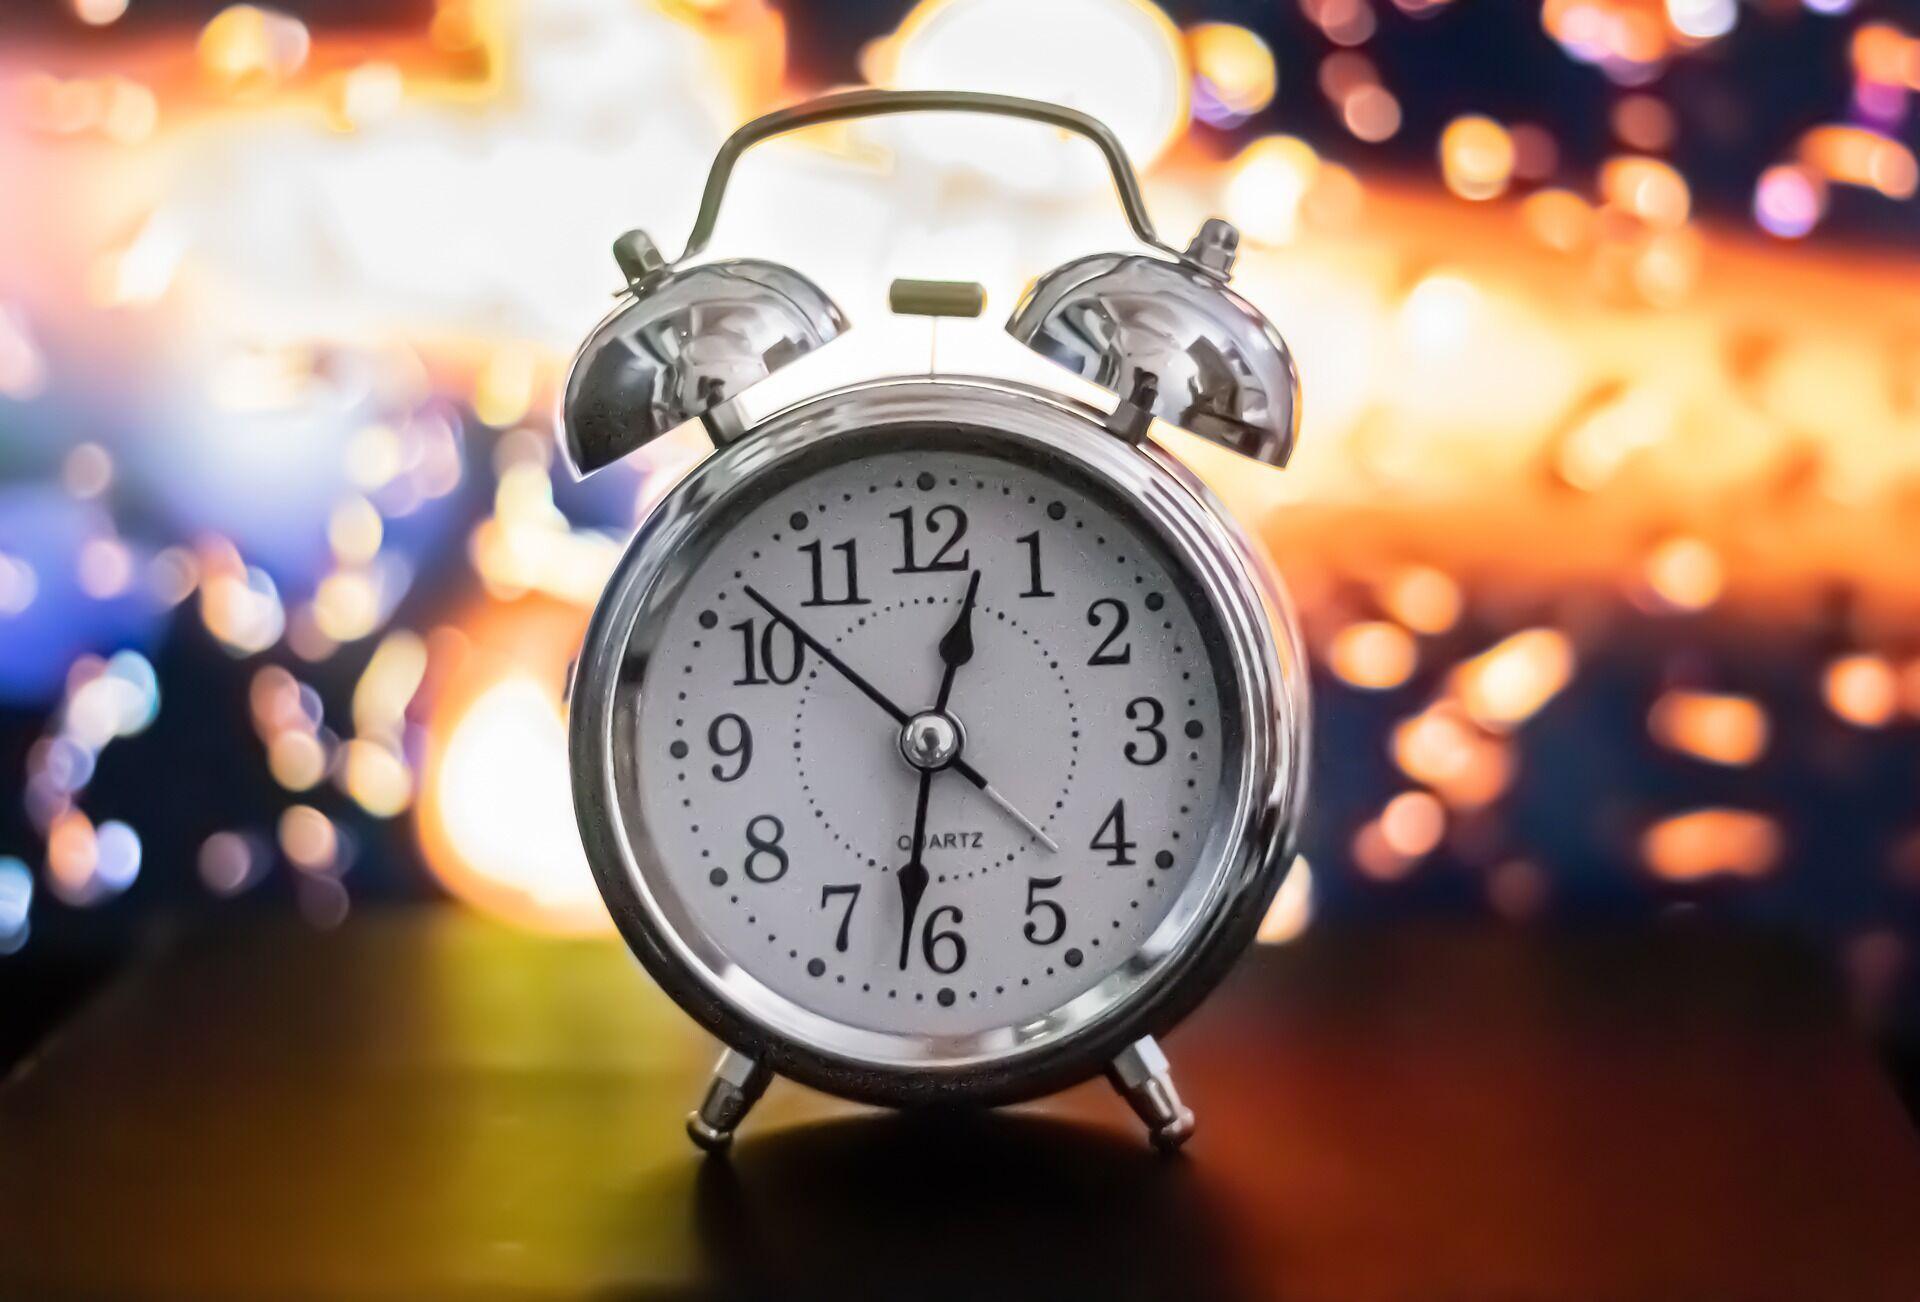 Дізнатися точний час після переведення годинників в Україні можна за допомогою мобільного телефона або доступу до інтернету